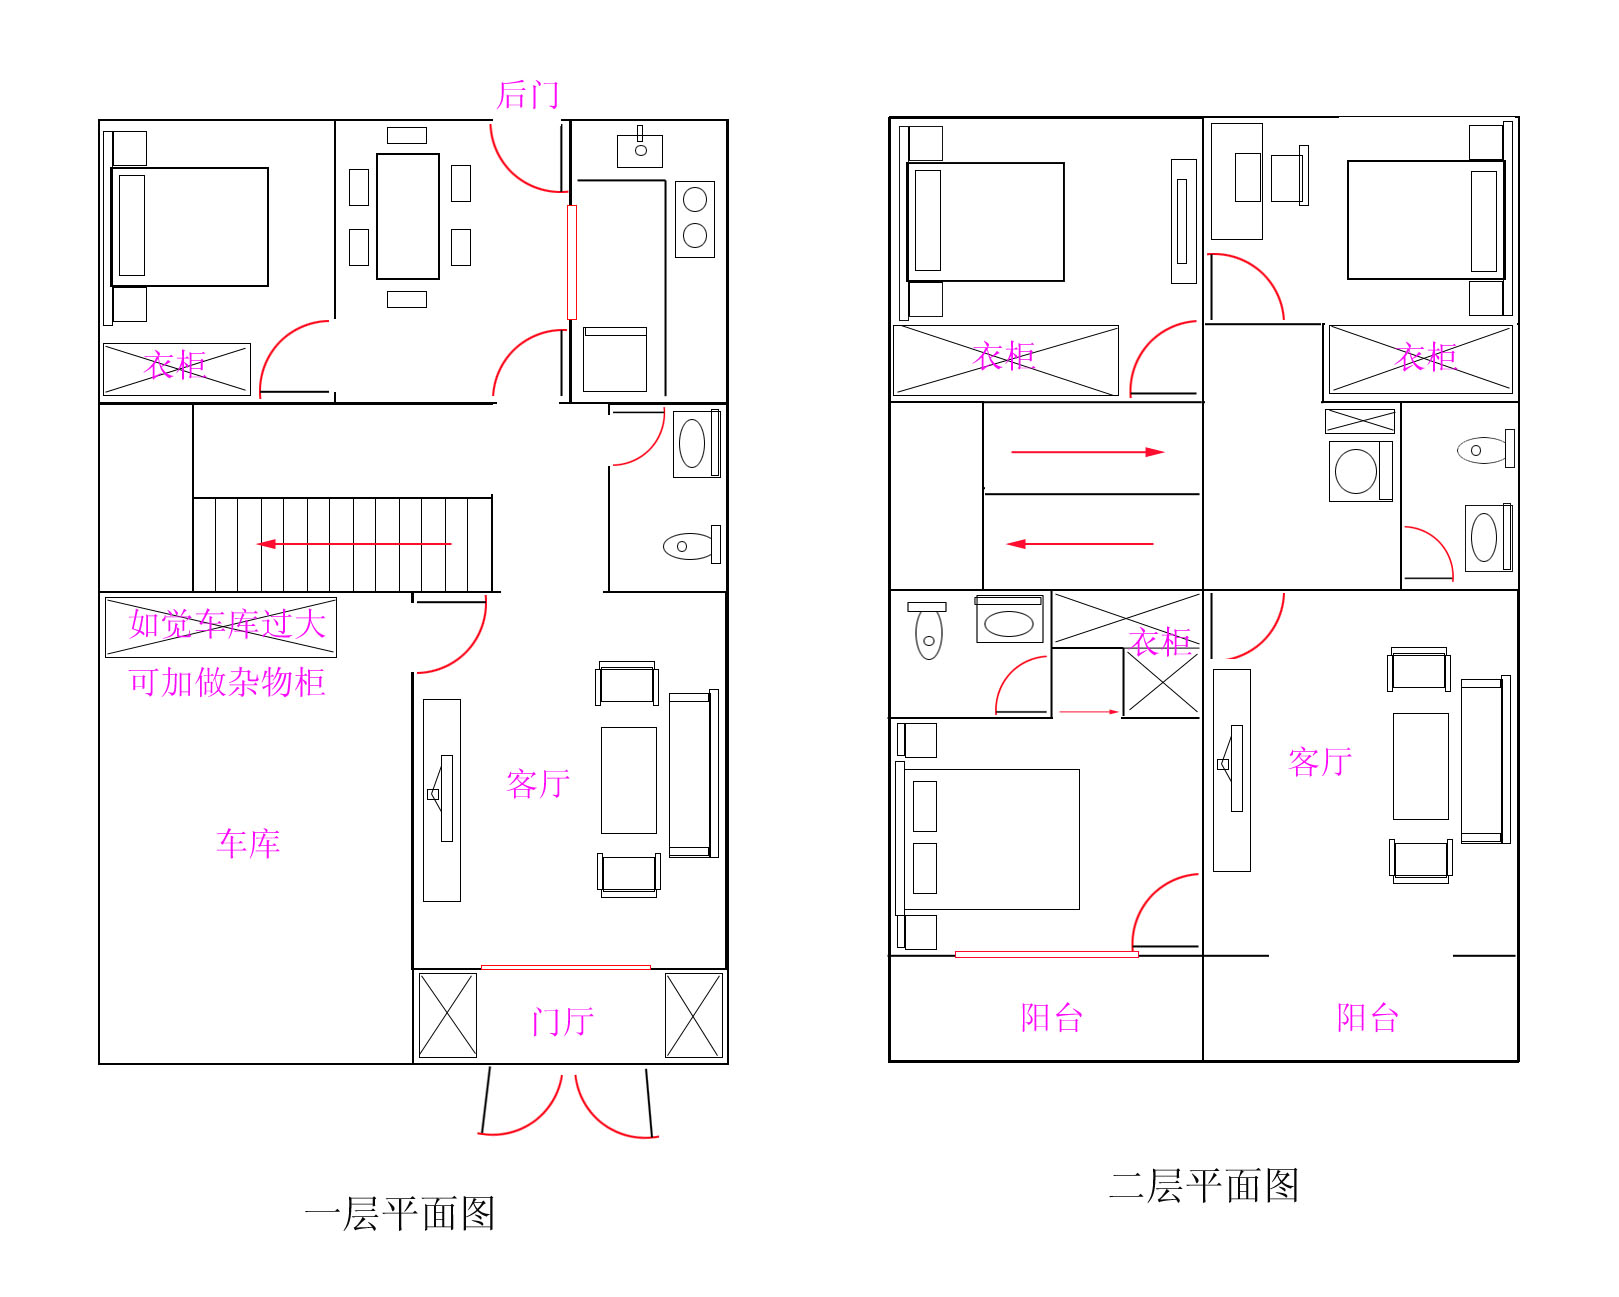 正面宽8米,侧面长10米设计房子平面,要求三房一厅一楼梯一卫生间,怎图片